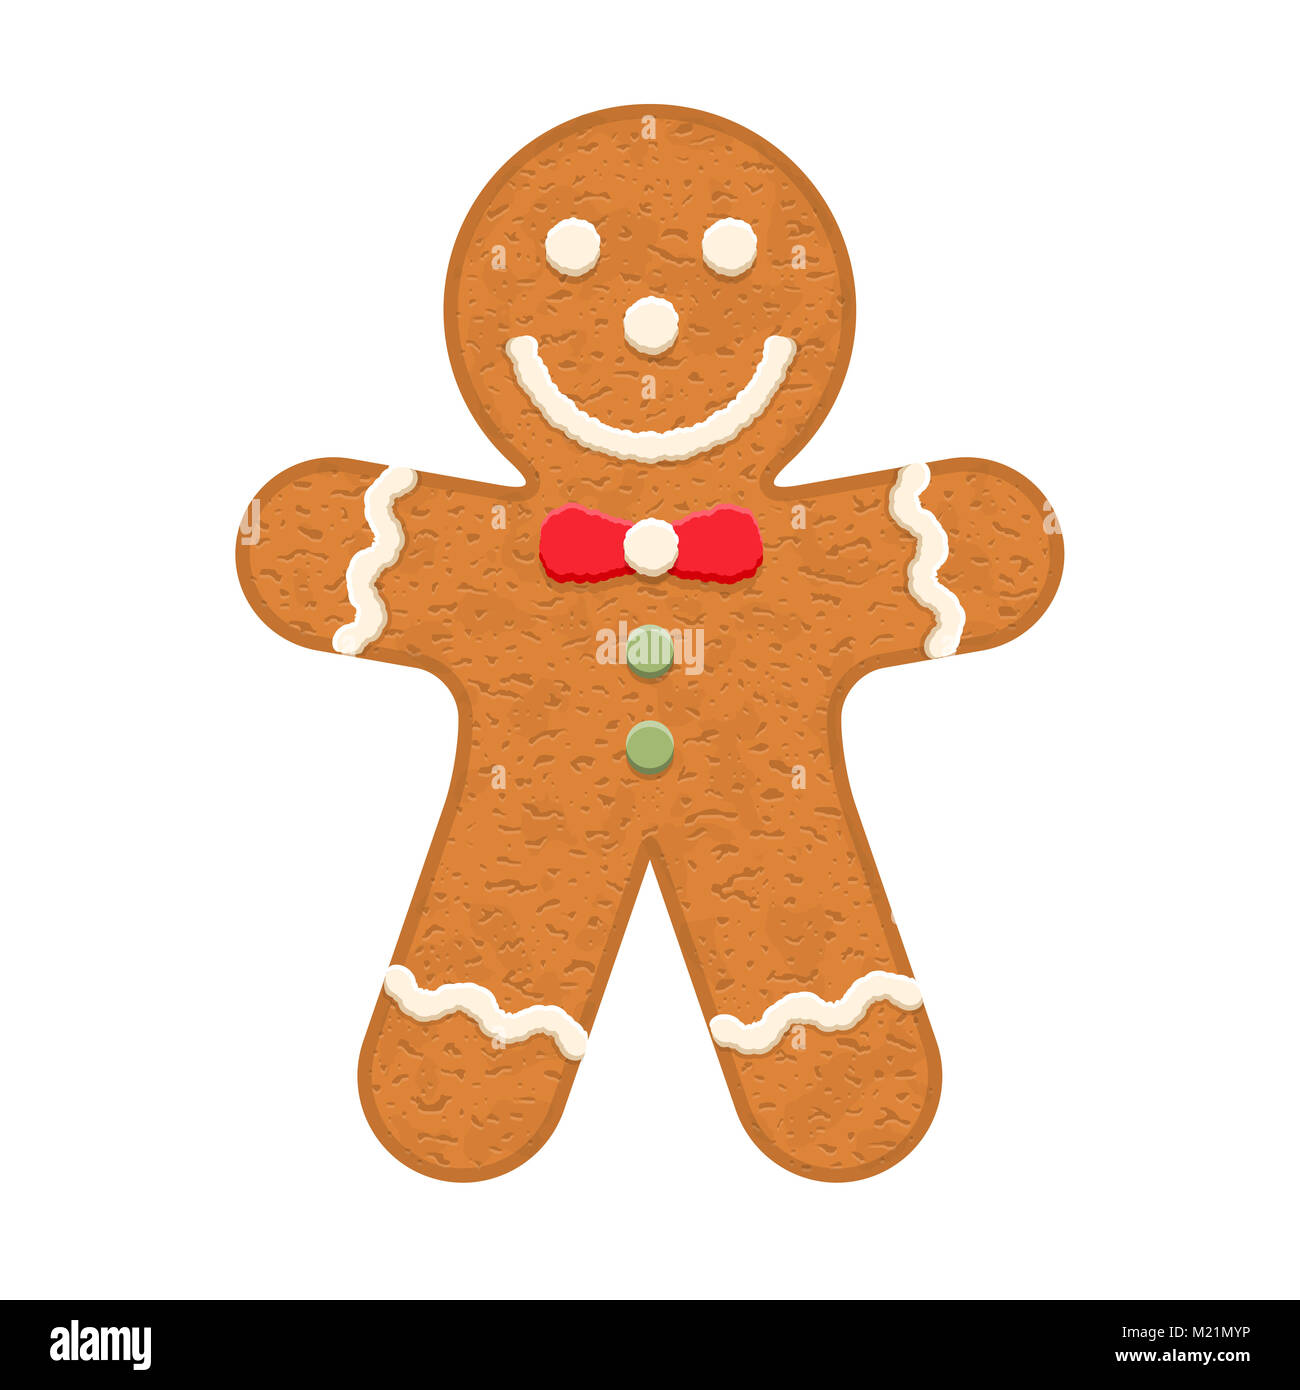 Weihnachtsplätzchen Clipart.Gingerbread Man Traditionelle Weihnachtsplätzchen Vector Eps 10